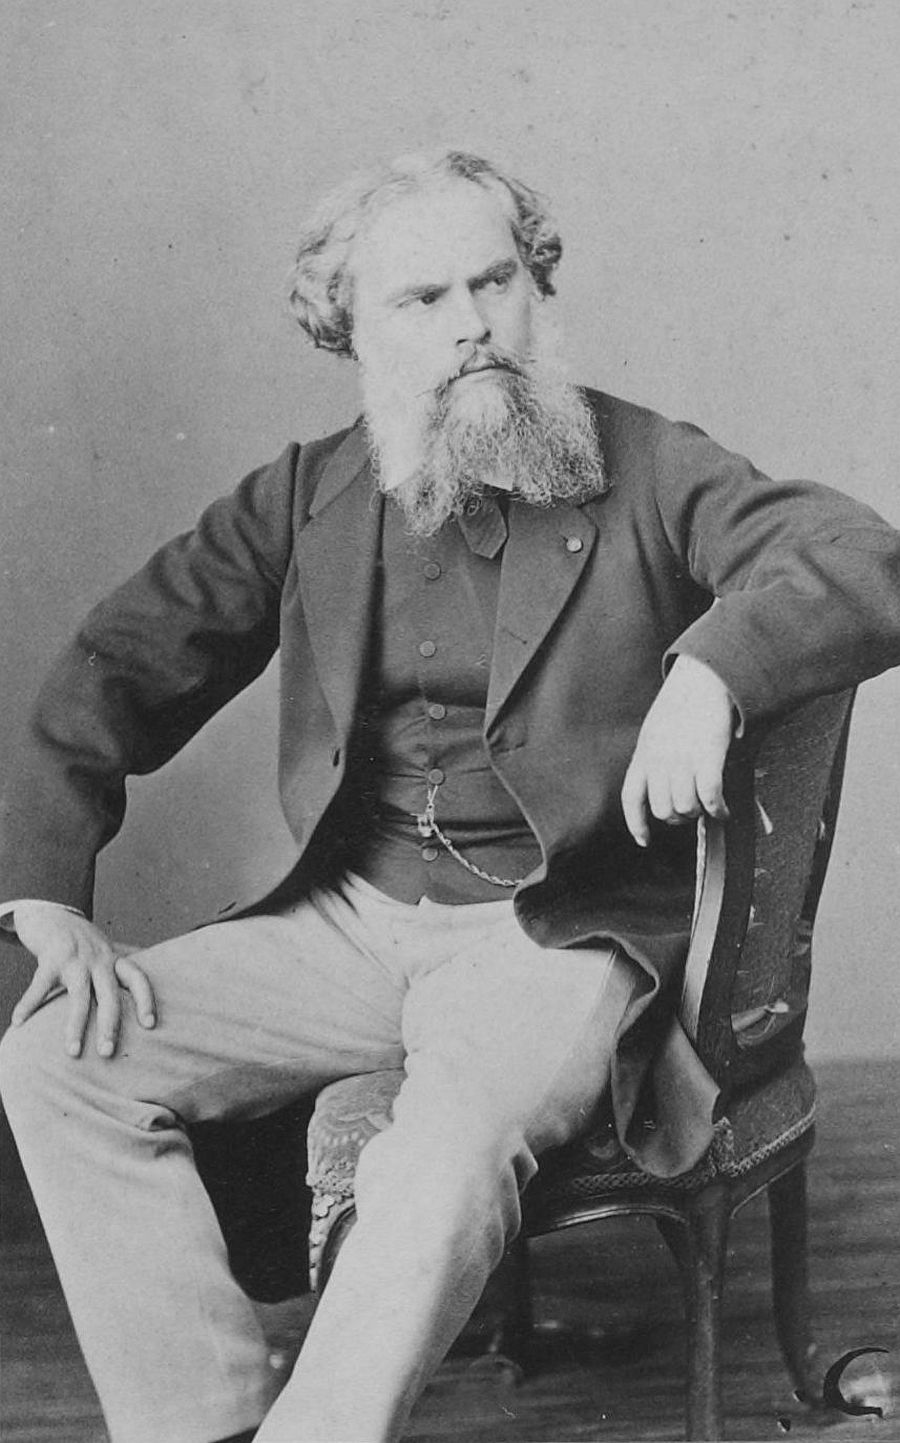 Portrait of Alexandre Cabanel, between 1860 and 1875 by Robert Jefferson Bingham